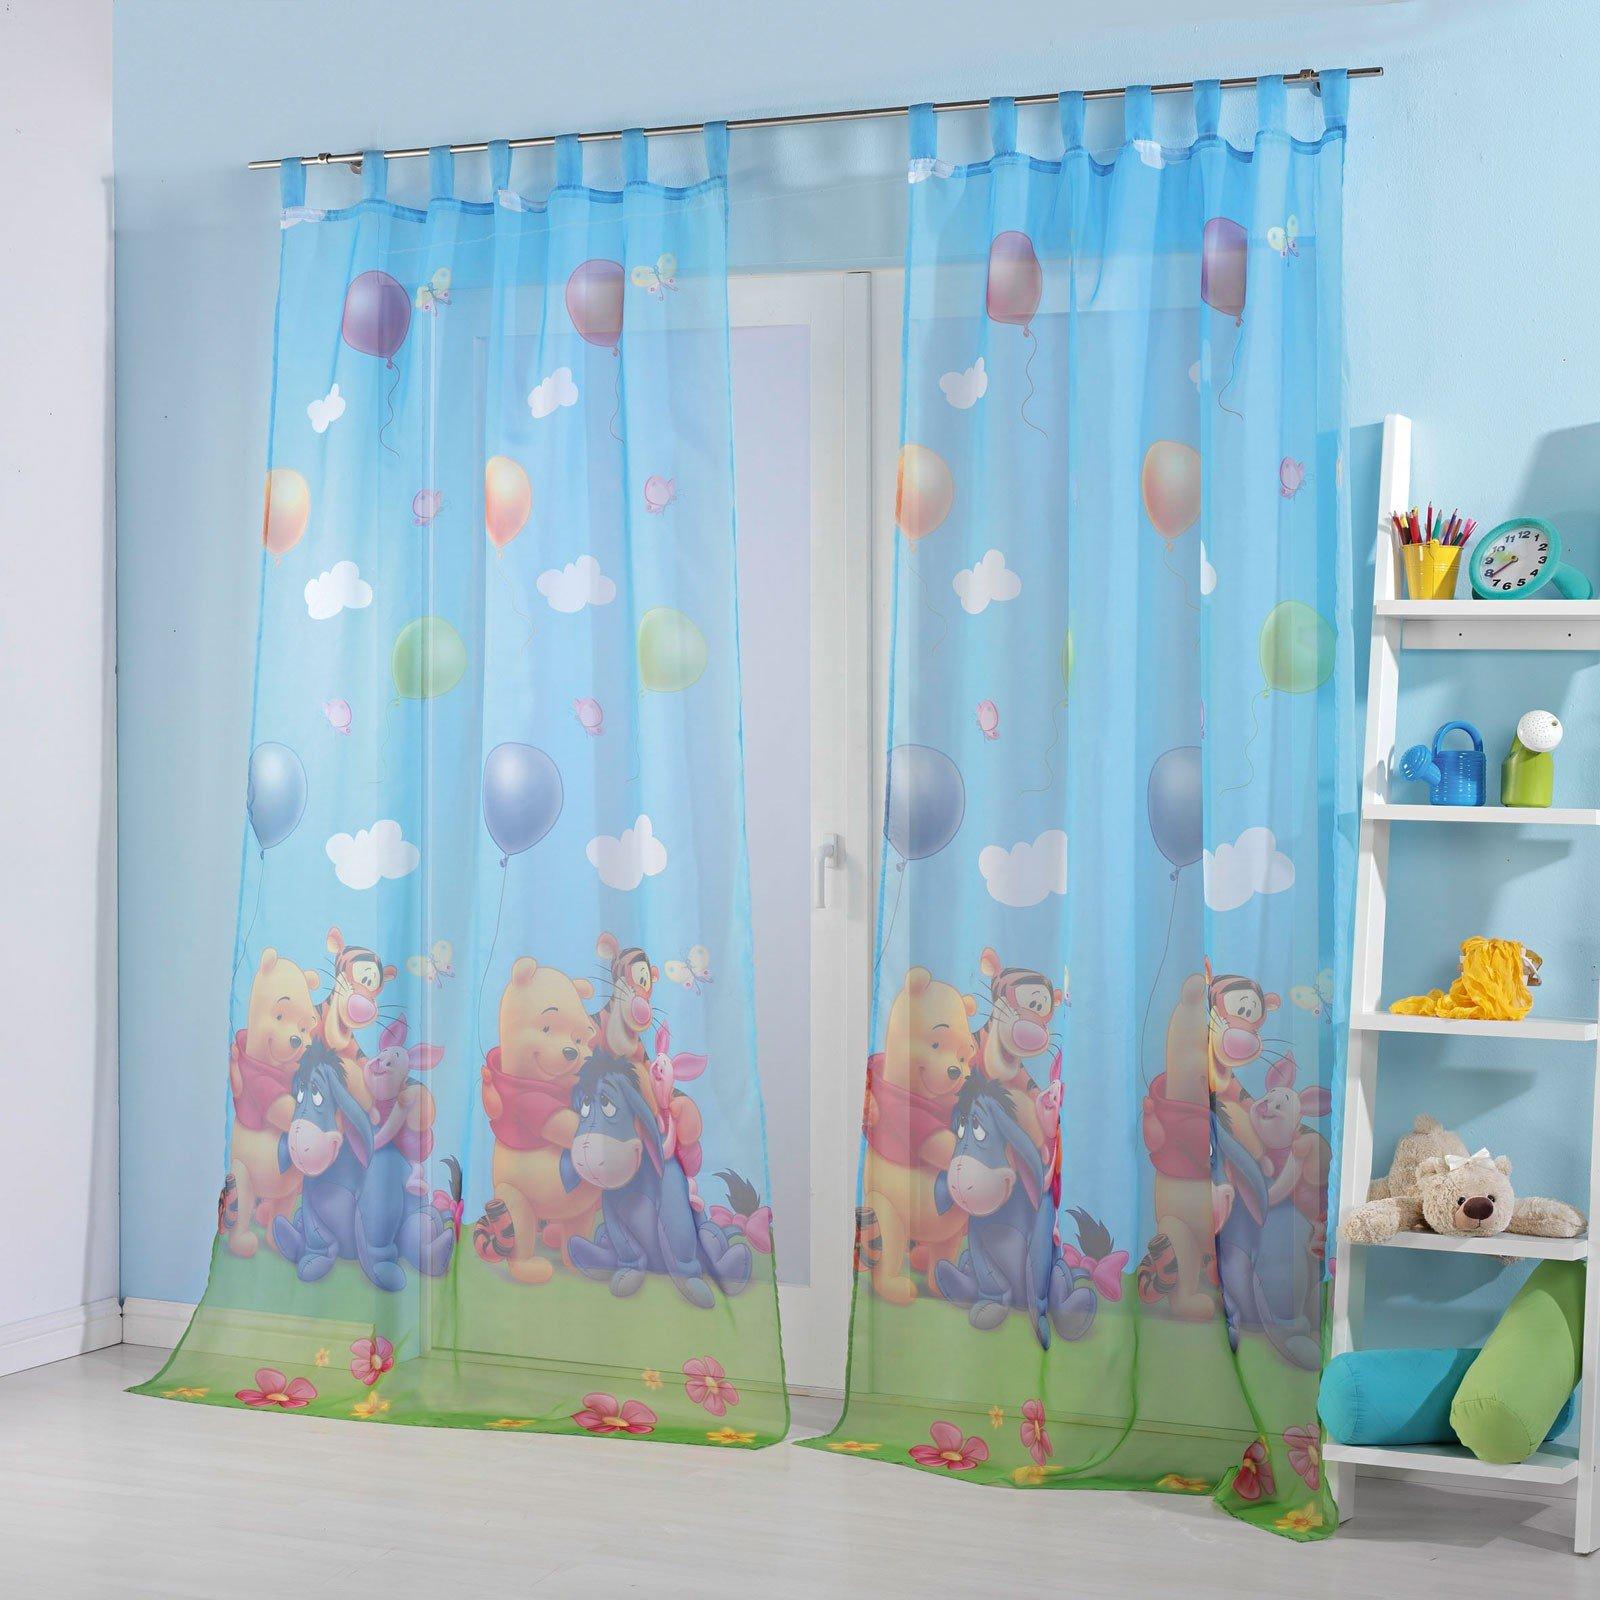 Full Size of Kinderzimmer Vorhang Gardinen Set Motiv Winnie The Pooh Regal Küche Bad Weiß Regale Sofa Wohnzimmer Kinderzimmer Kinderzimmer Vorhang